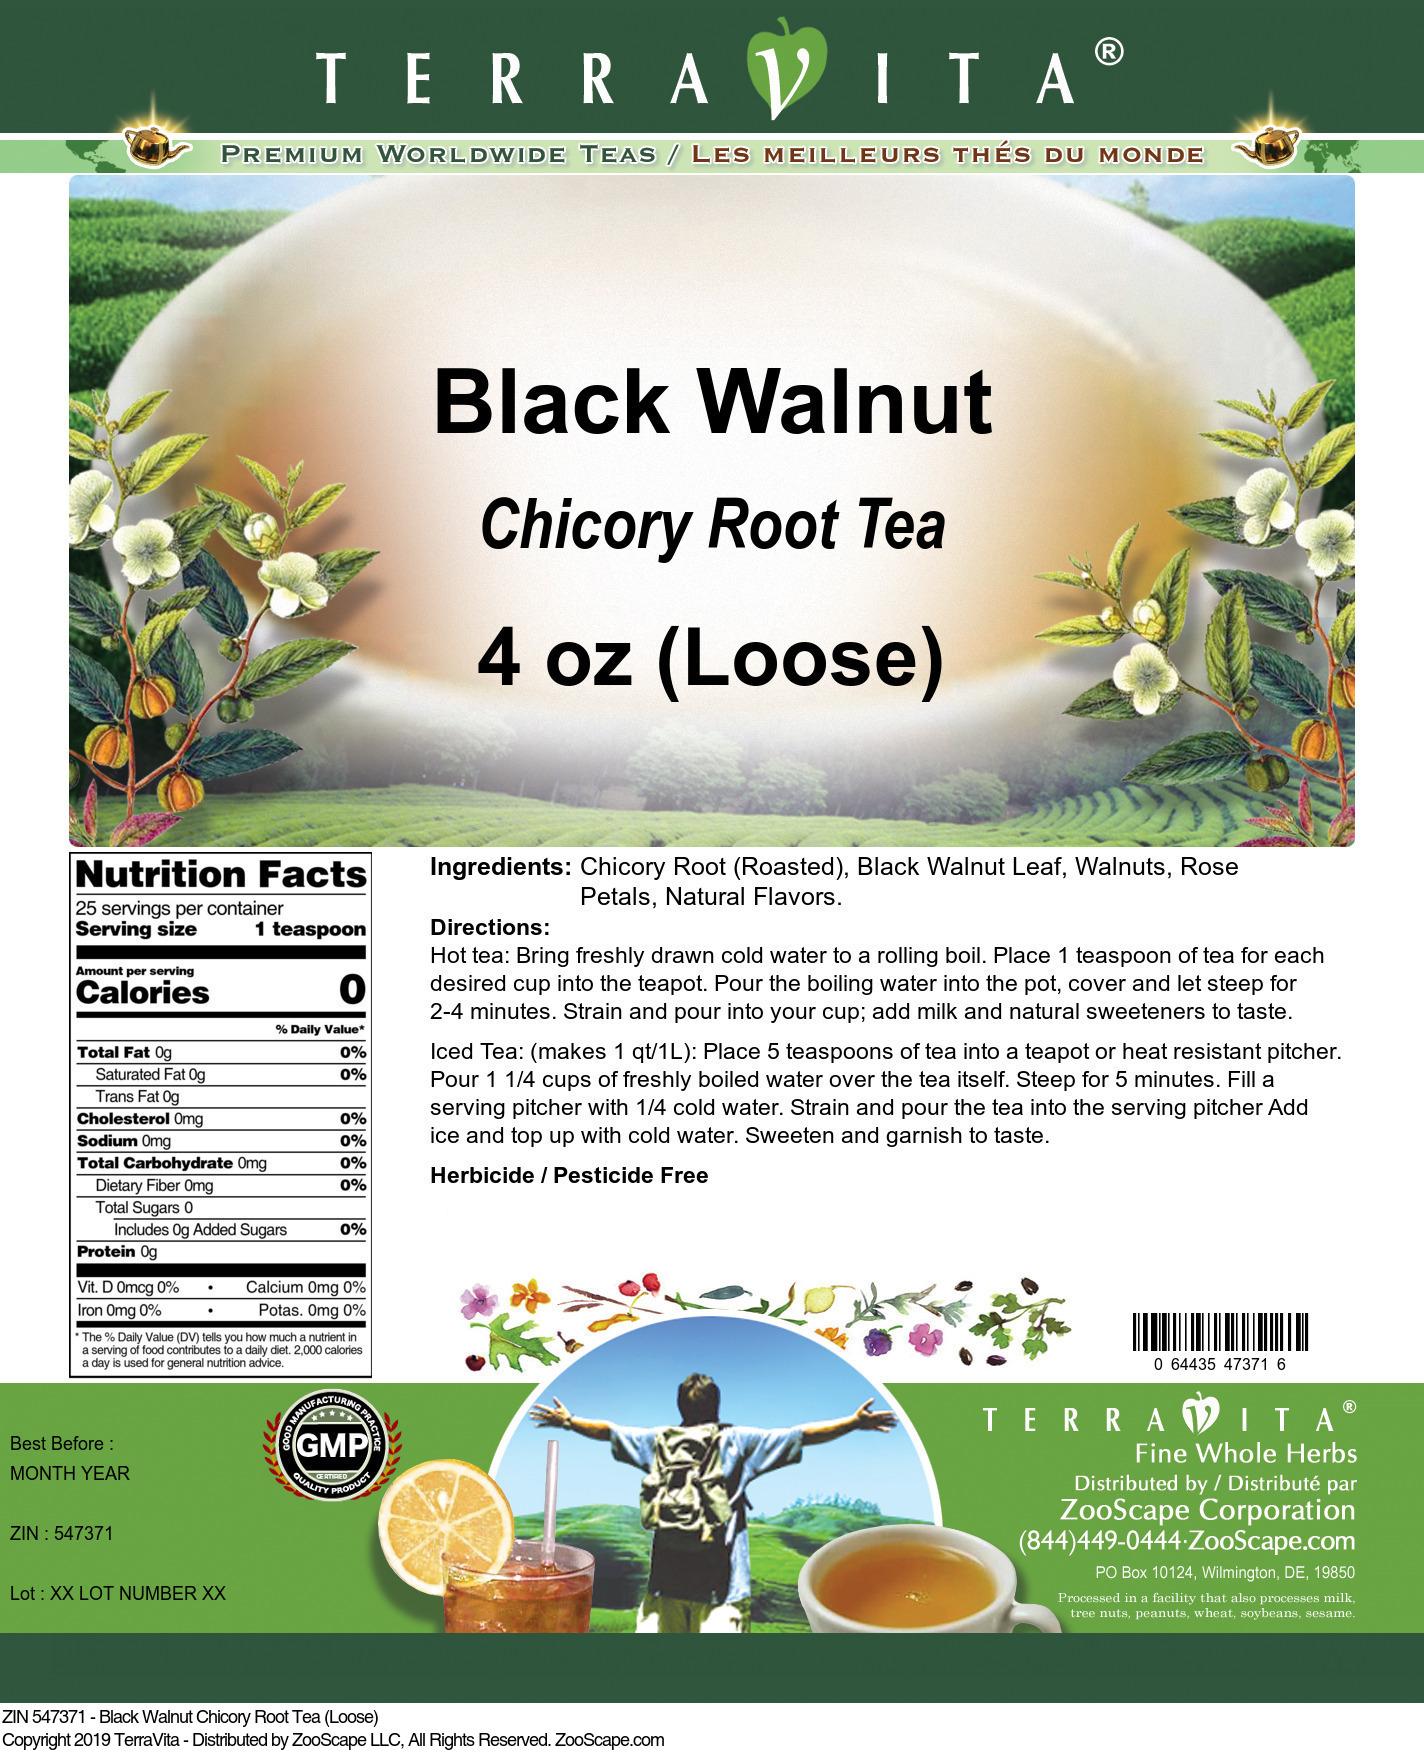 Black Walnut Chicory Root